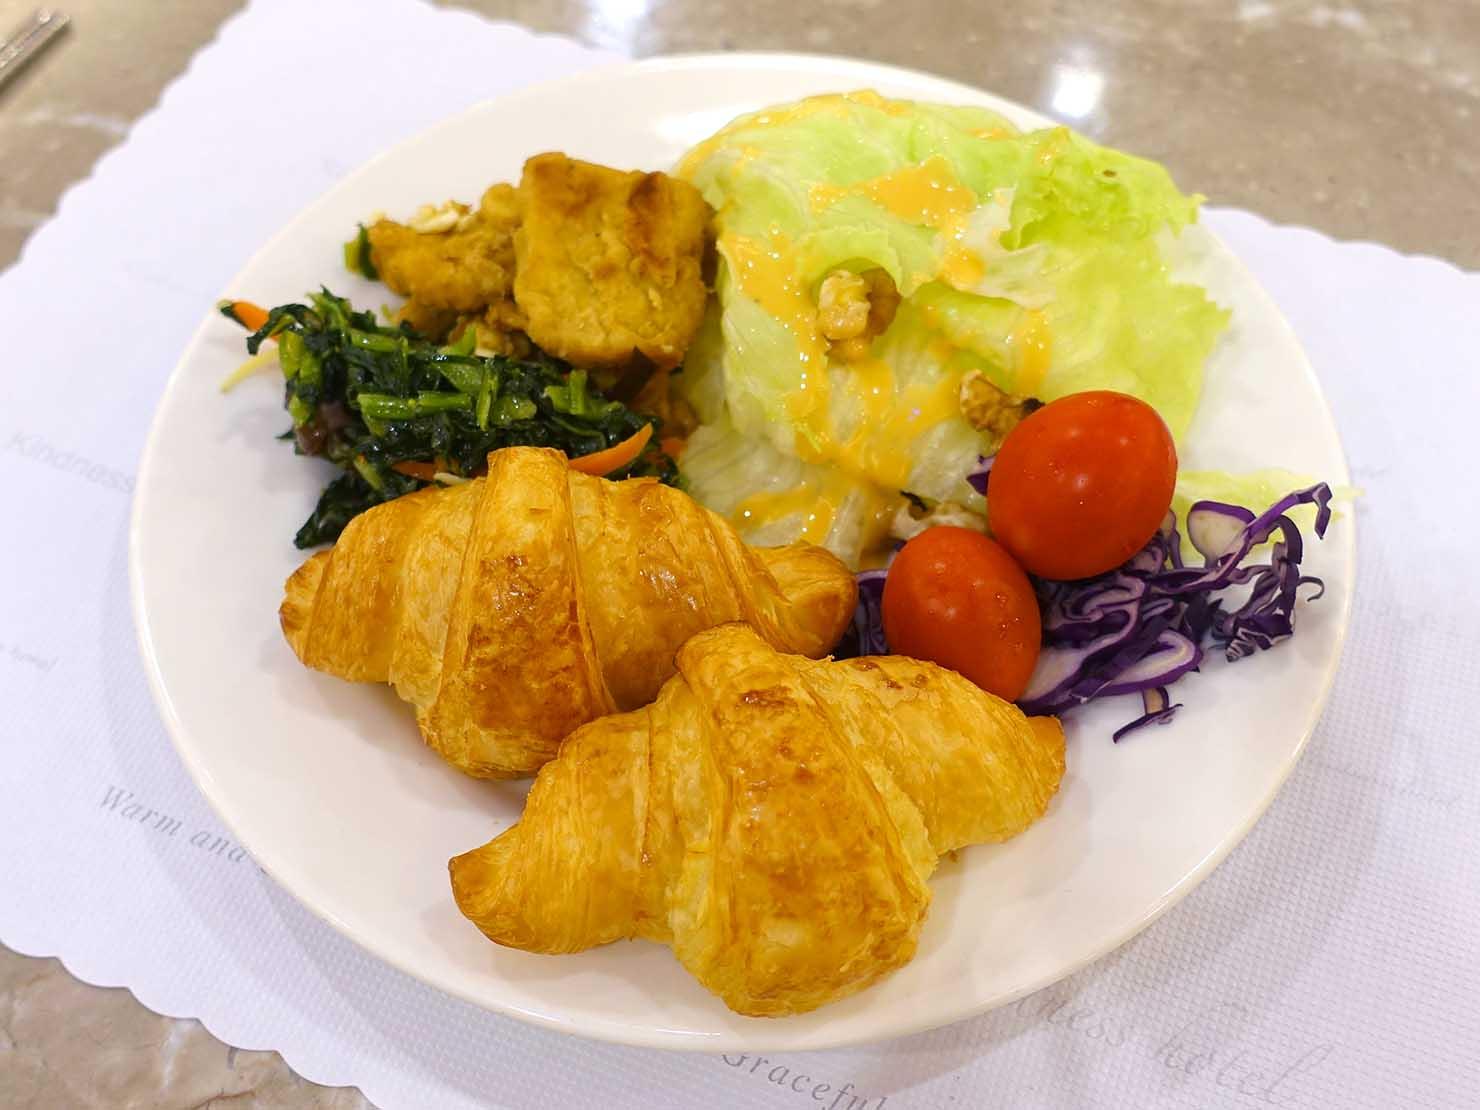 高雄のおすすめチェーンホテル「康橋商旅 Kindness Hotel(漢神館)」朝食ビュッフェ